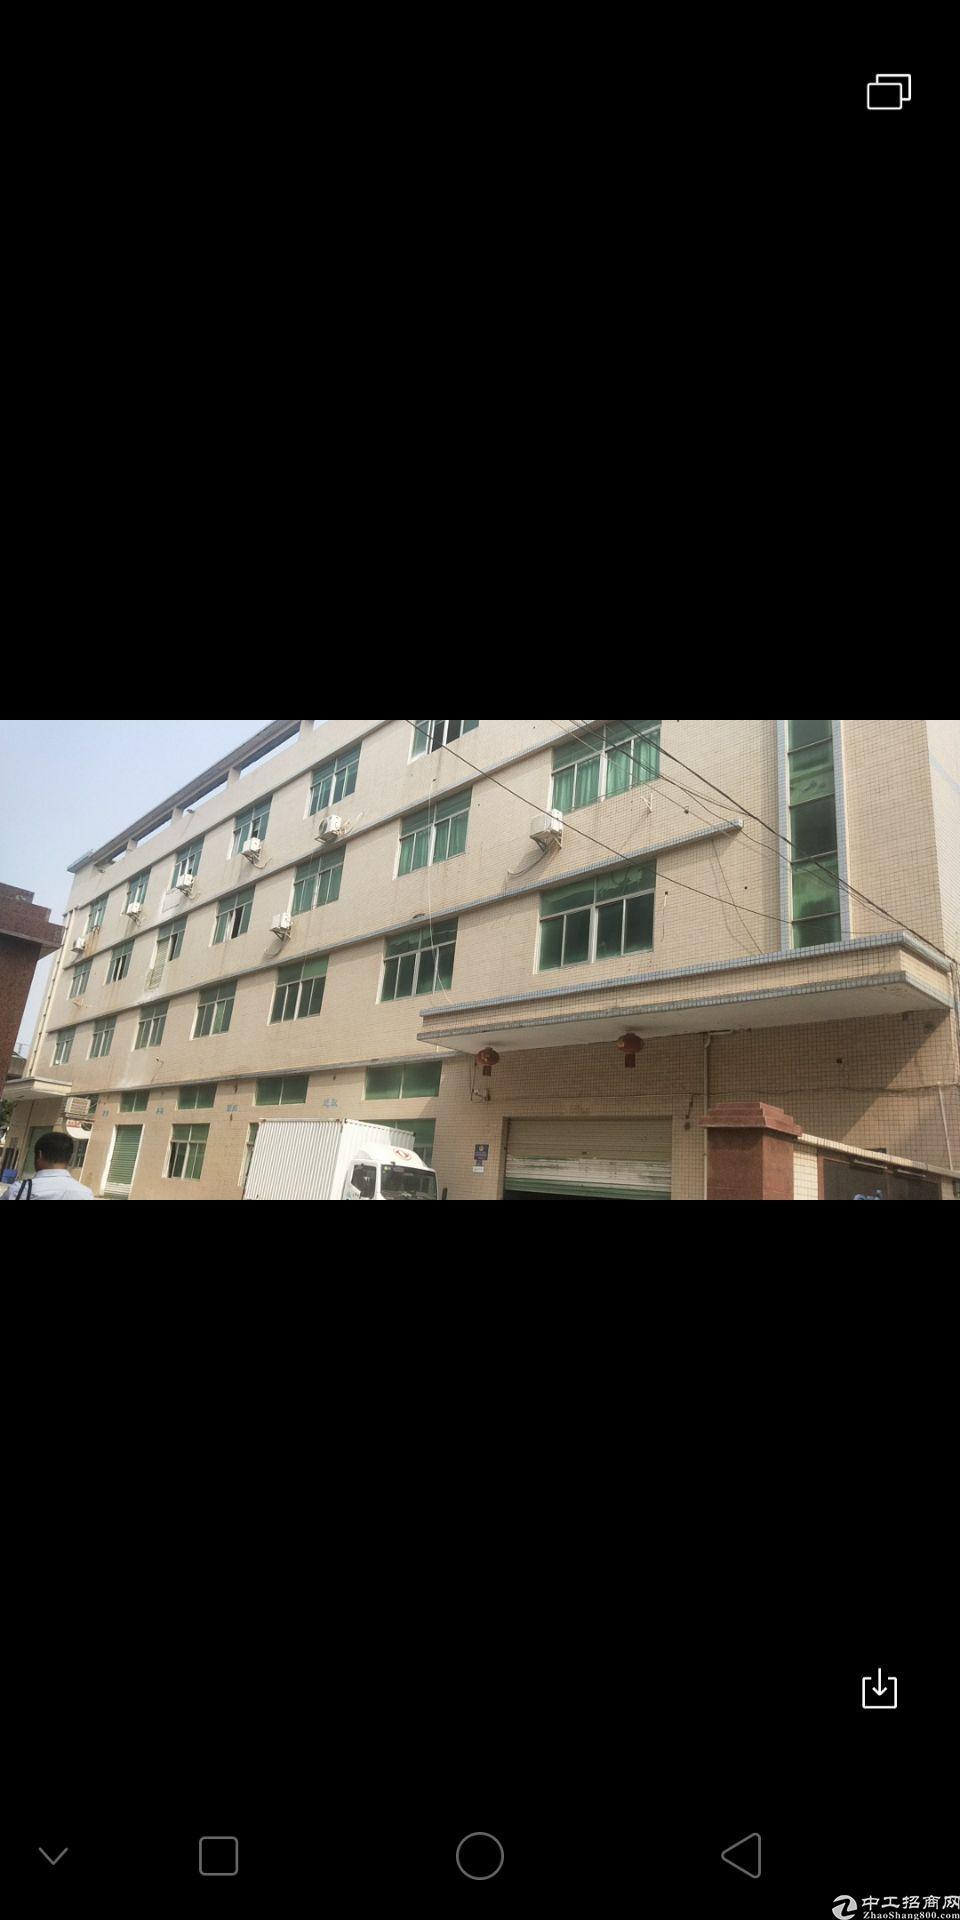 公明新出独院厂房1-4层,4800平方,宿舍24间,120